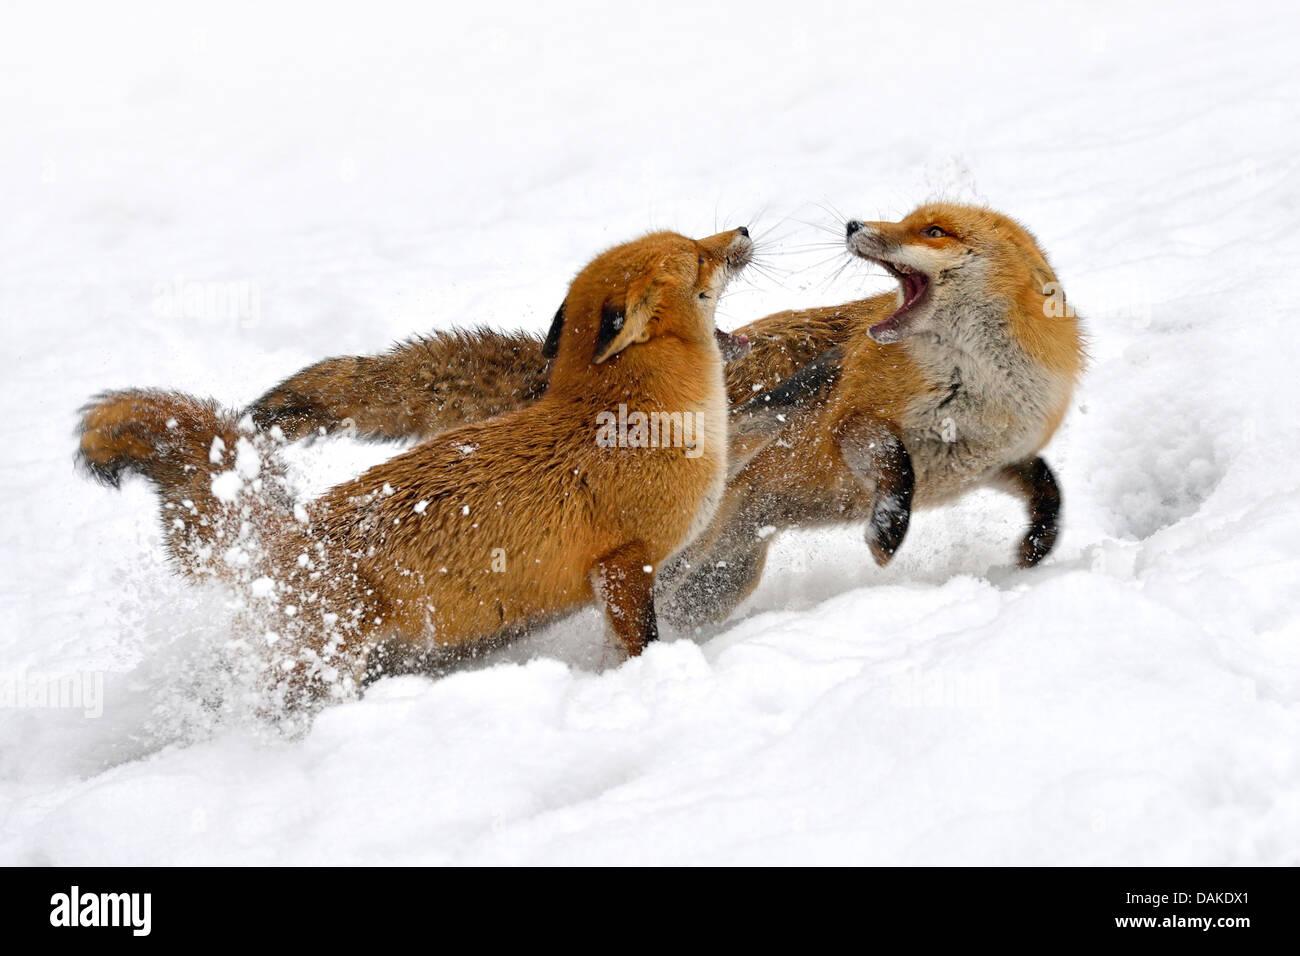 Rotfuchs (Vulpes Vulpes), zwei Füchse, kämpfen im Schnee, Deutschland Stockbild